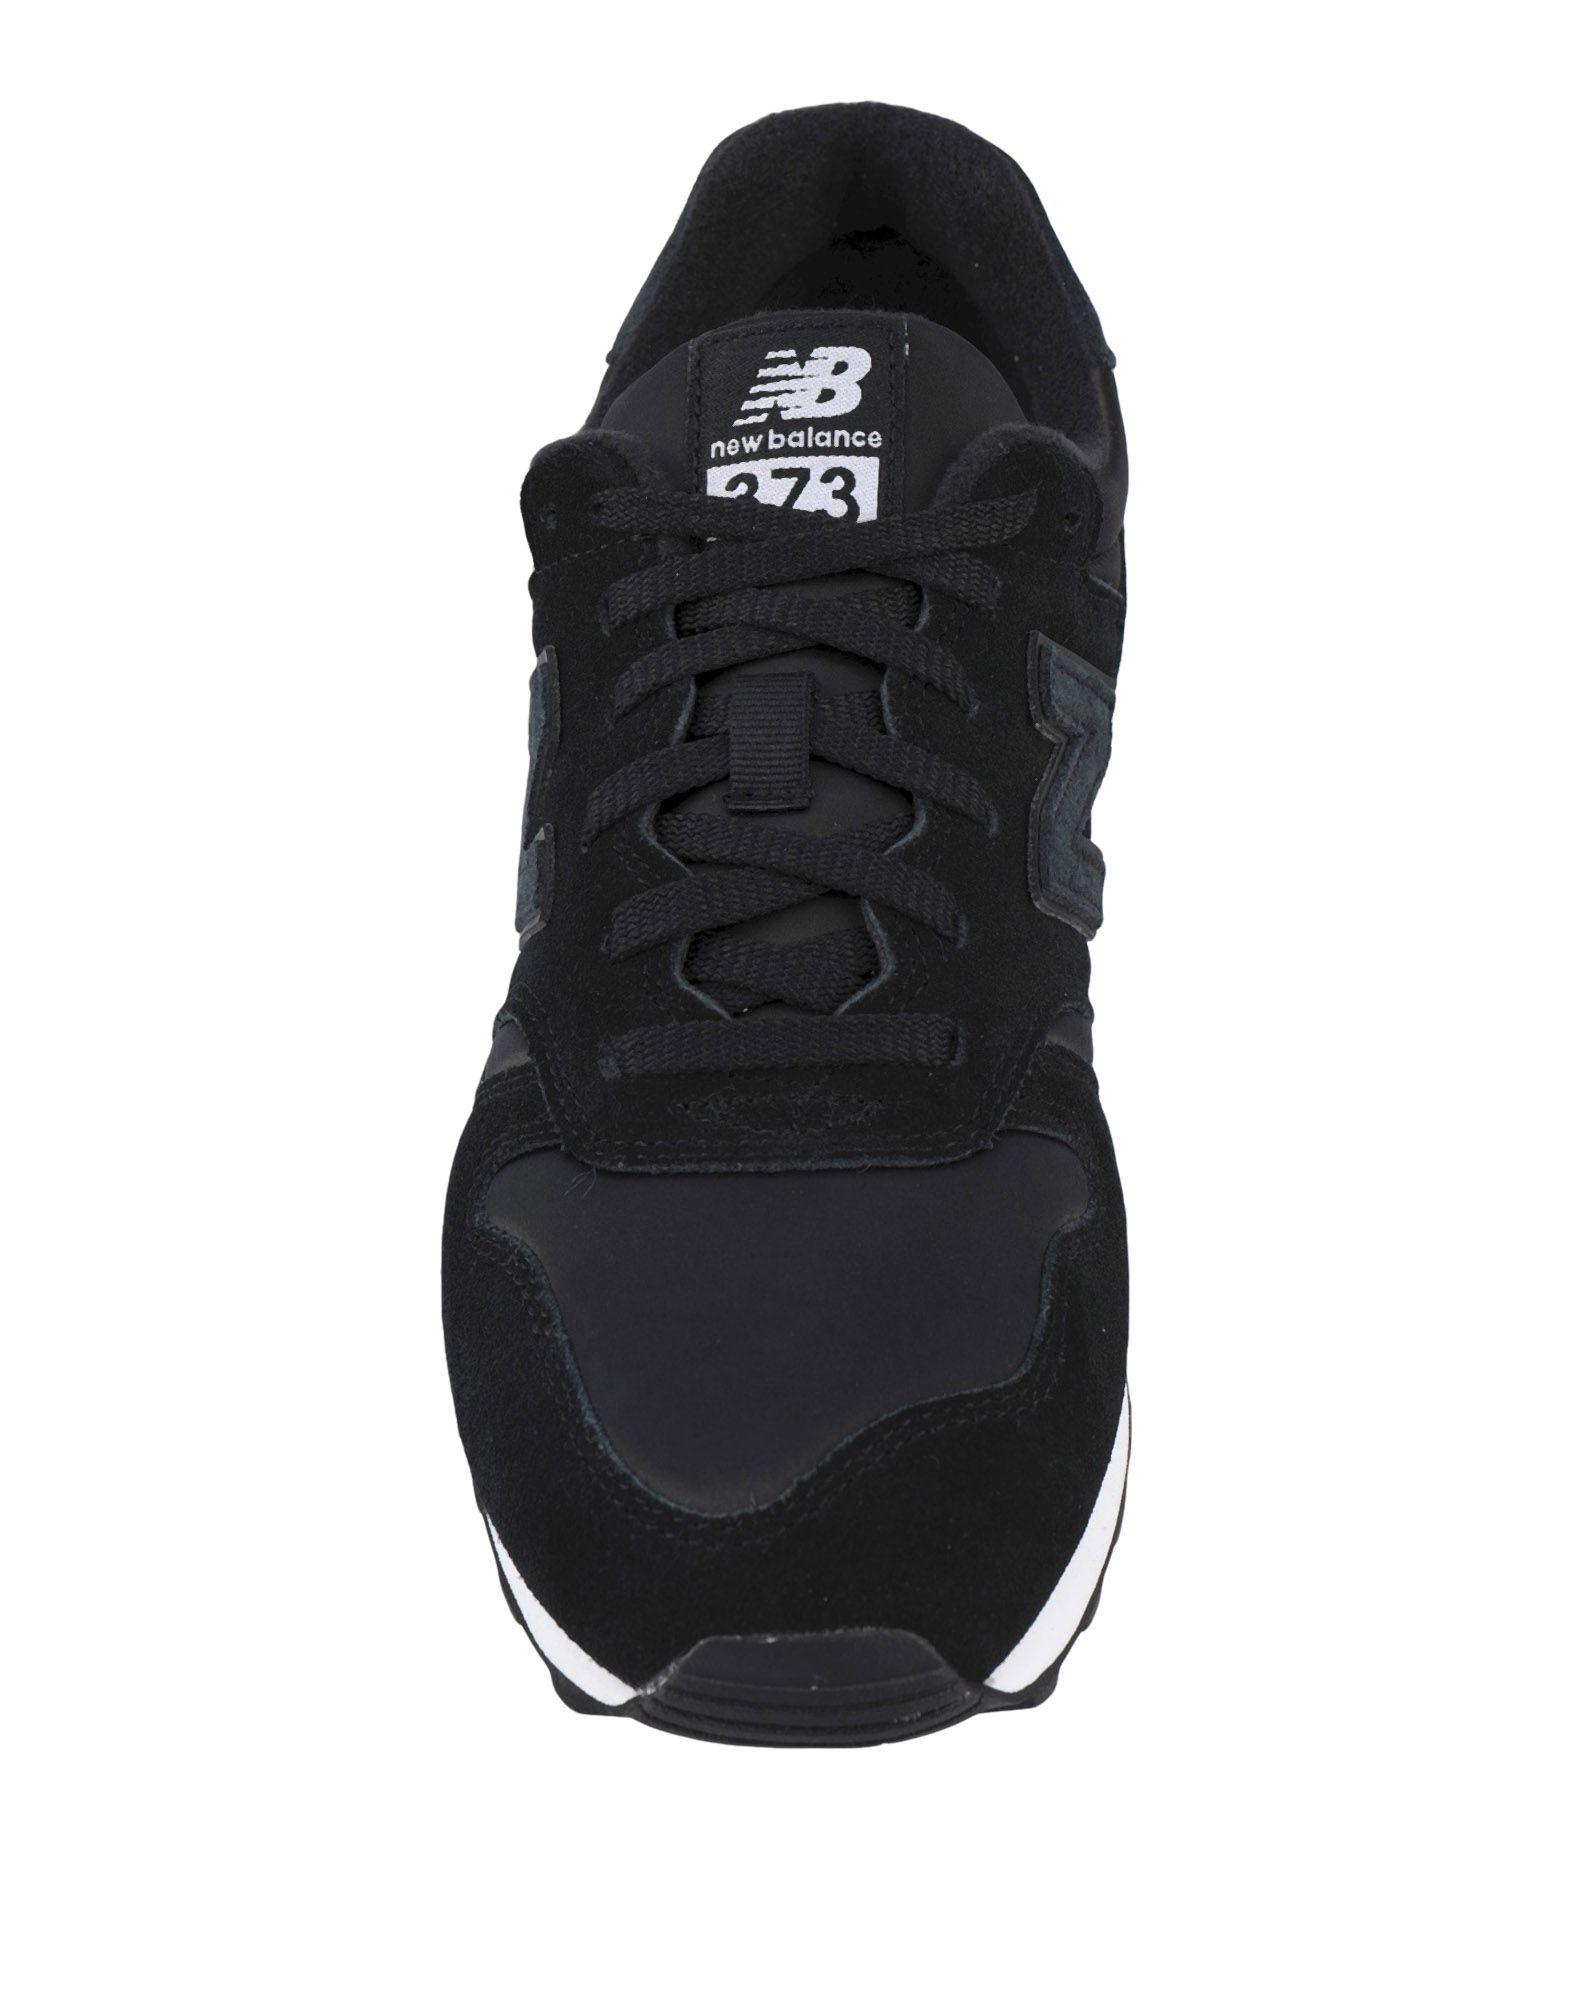 New Balance Wl373 Suede/Textile  Schuhe 11554266QD Gute Qualität beliebte Schuhe  c3e8a5